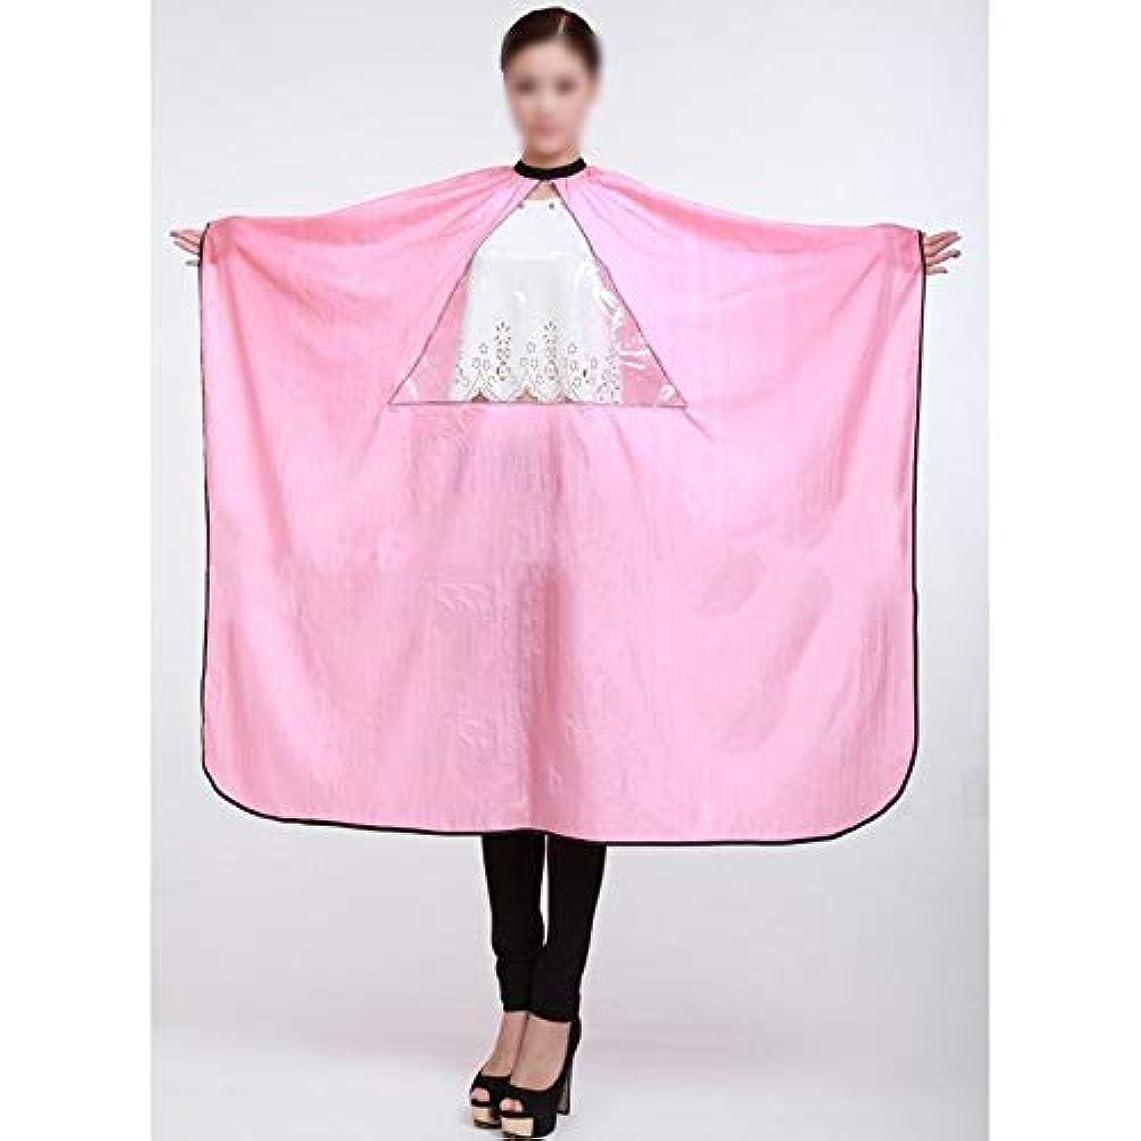 アトラスグリップ交換可能Lucy Day 理髪店の防水毛の切断の岬のための美容院のエプロンの毛布 (色 : ピンク)